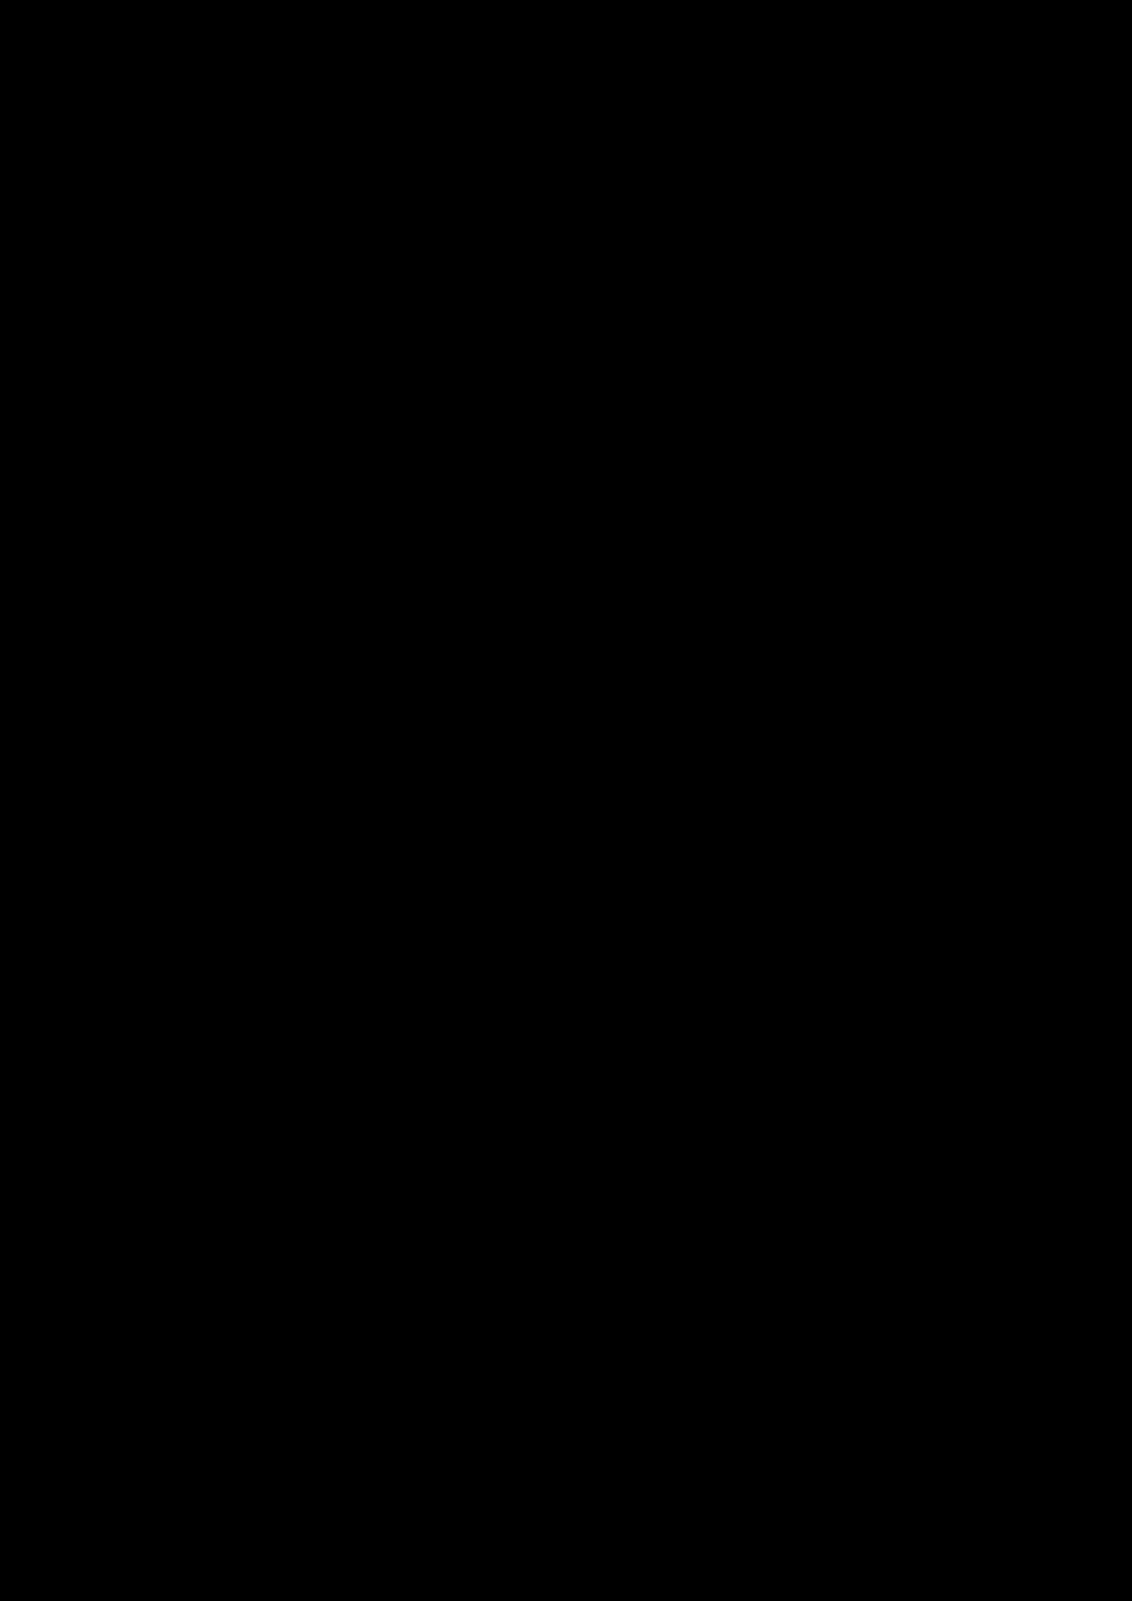 Zagadka volshebnoy stranyi slide, Image 69